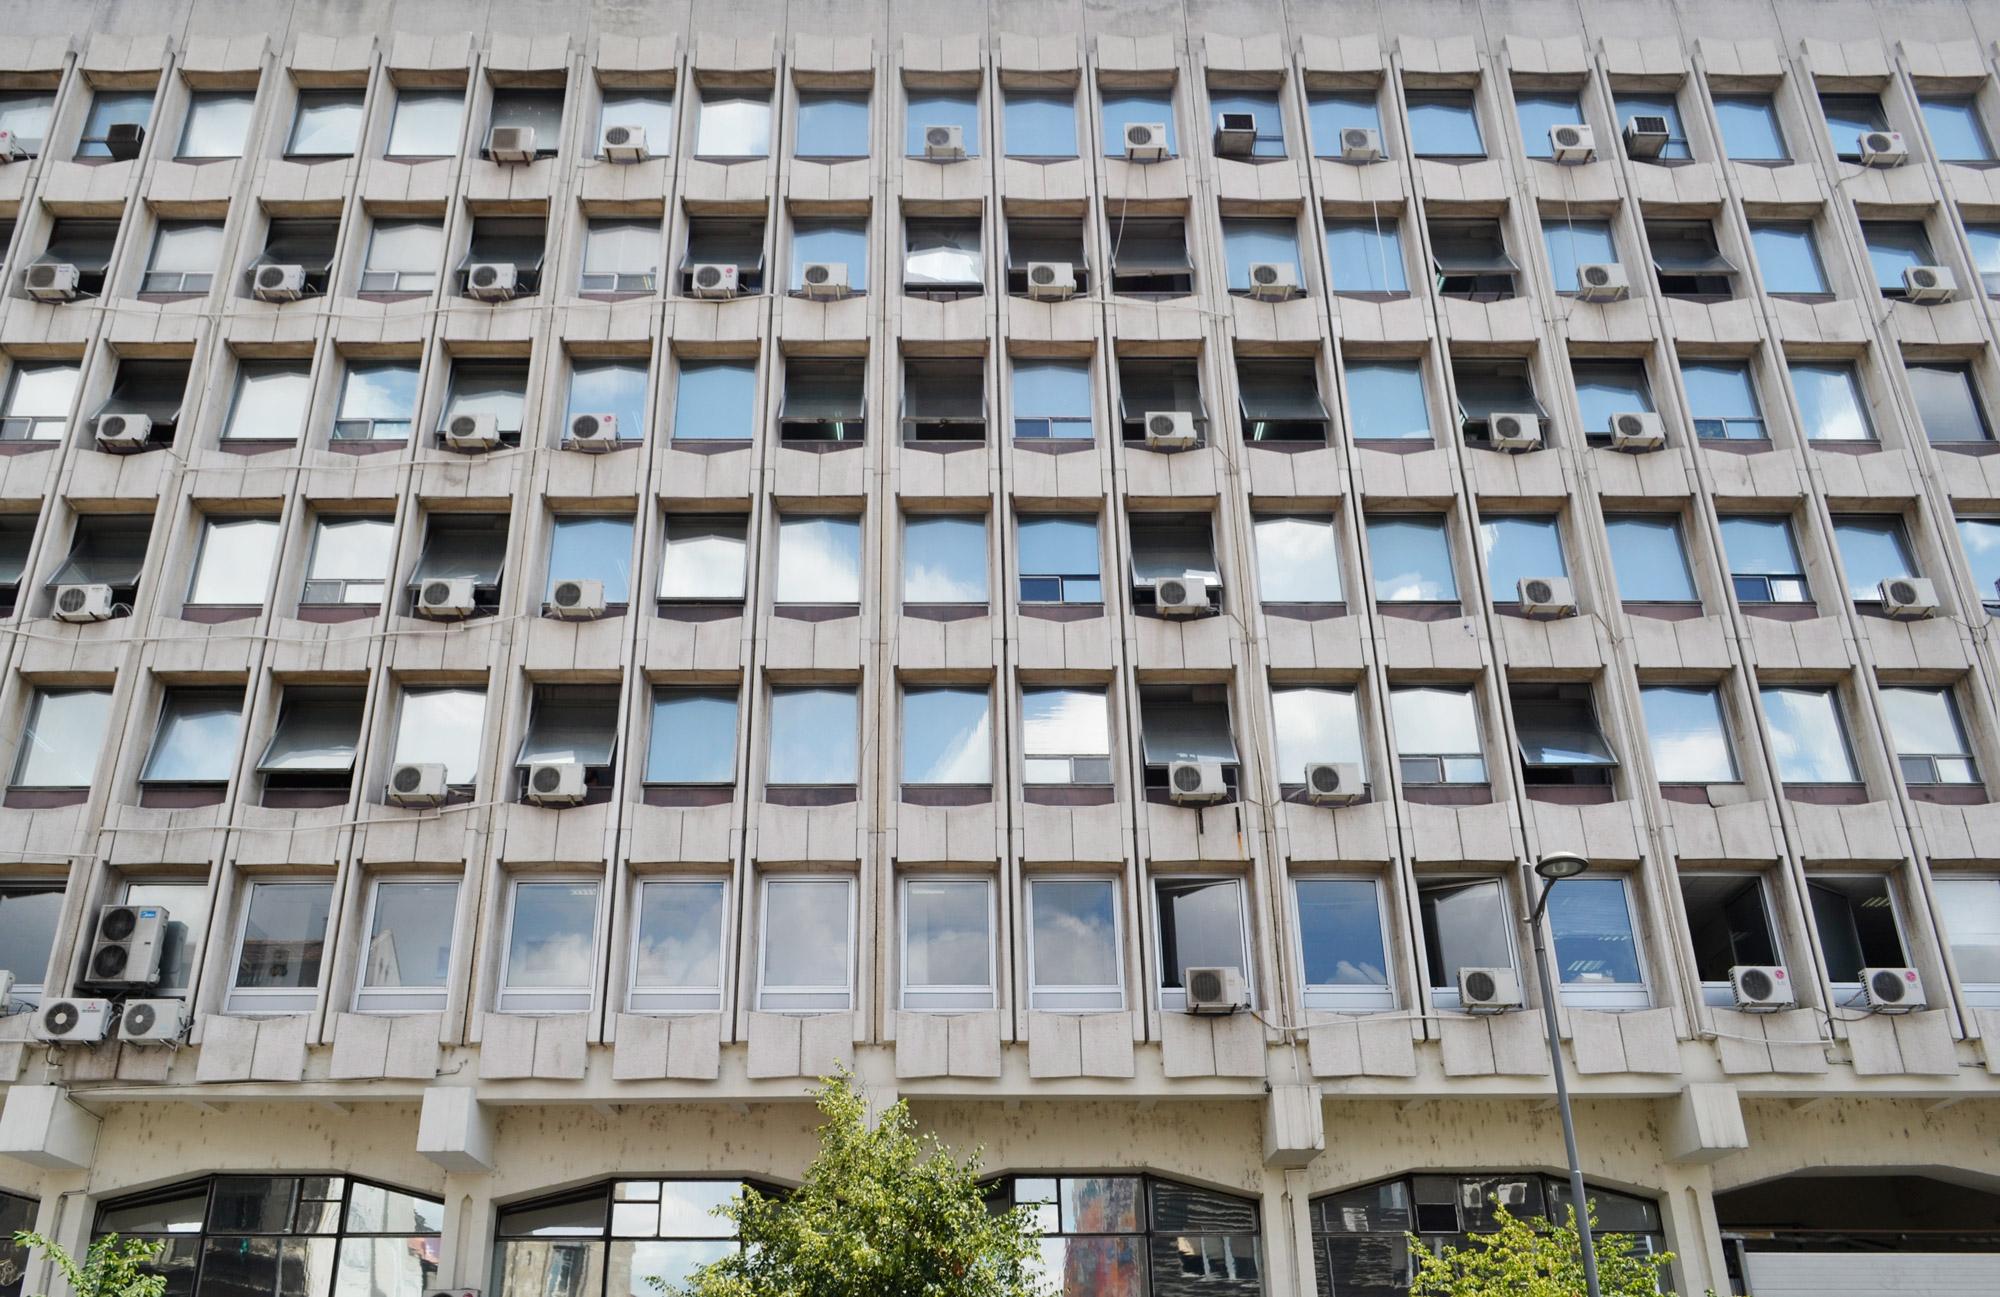 urbanbacklog-belgrade-building-textures-3.jpg